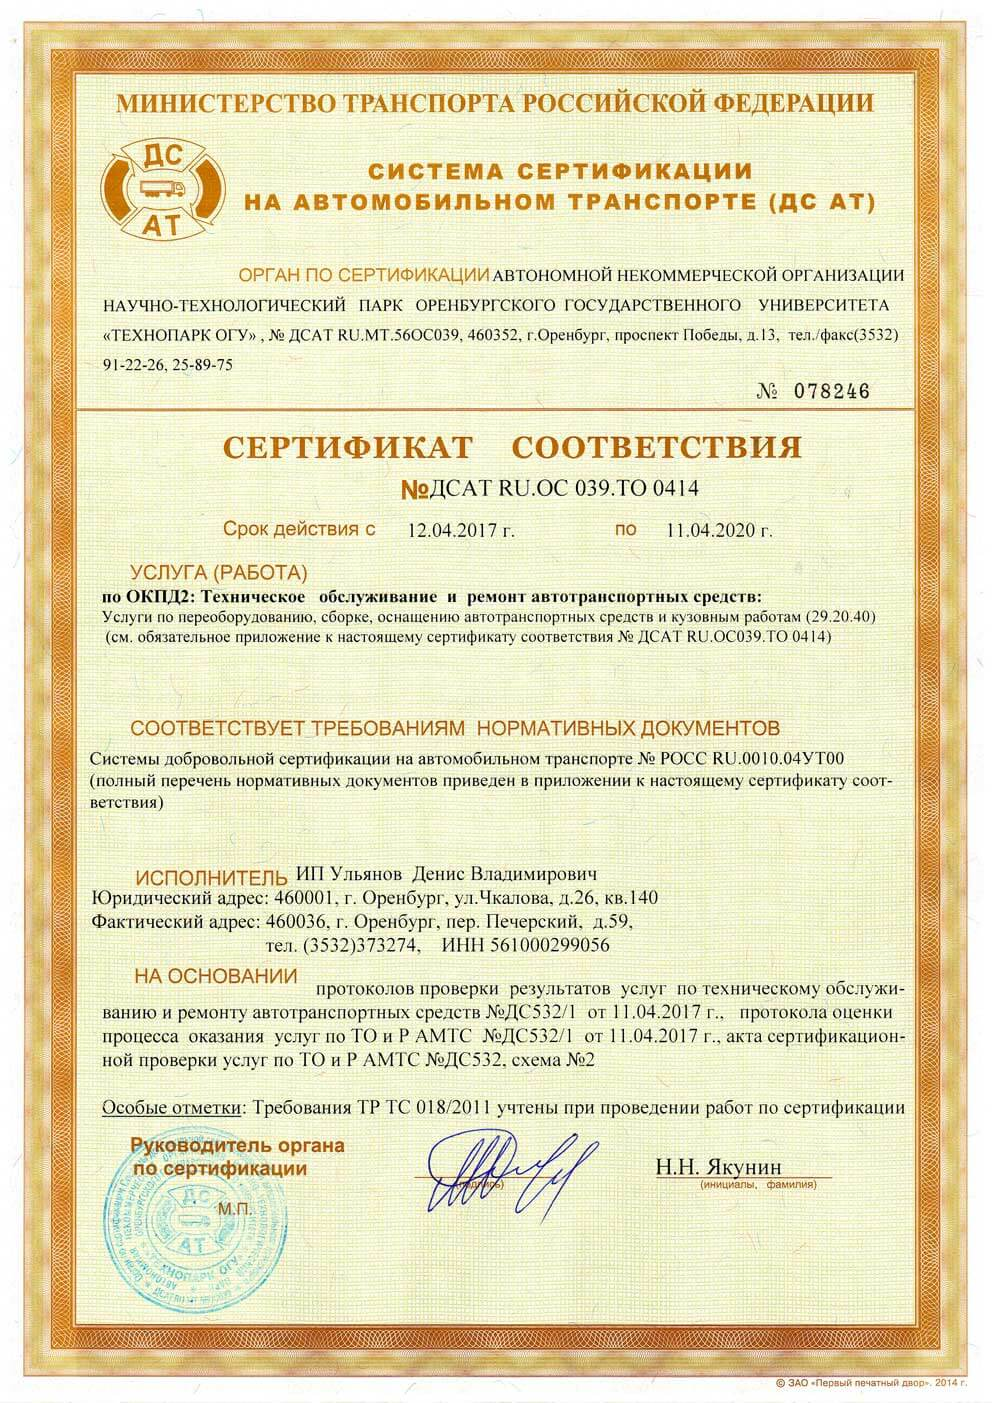 Сертификат соответствия Автолюкс ИП Ульянов 2017-2020